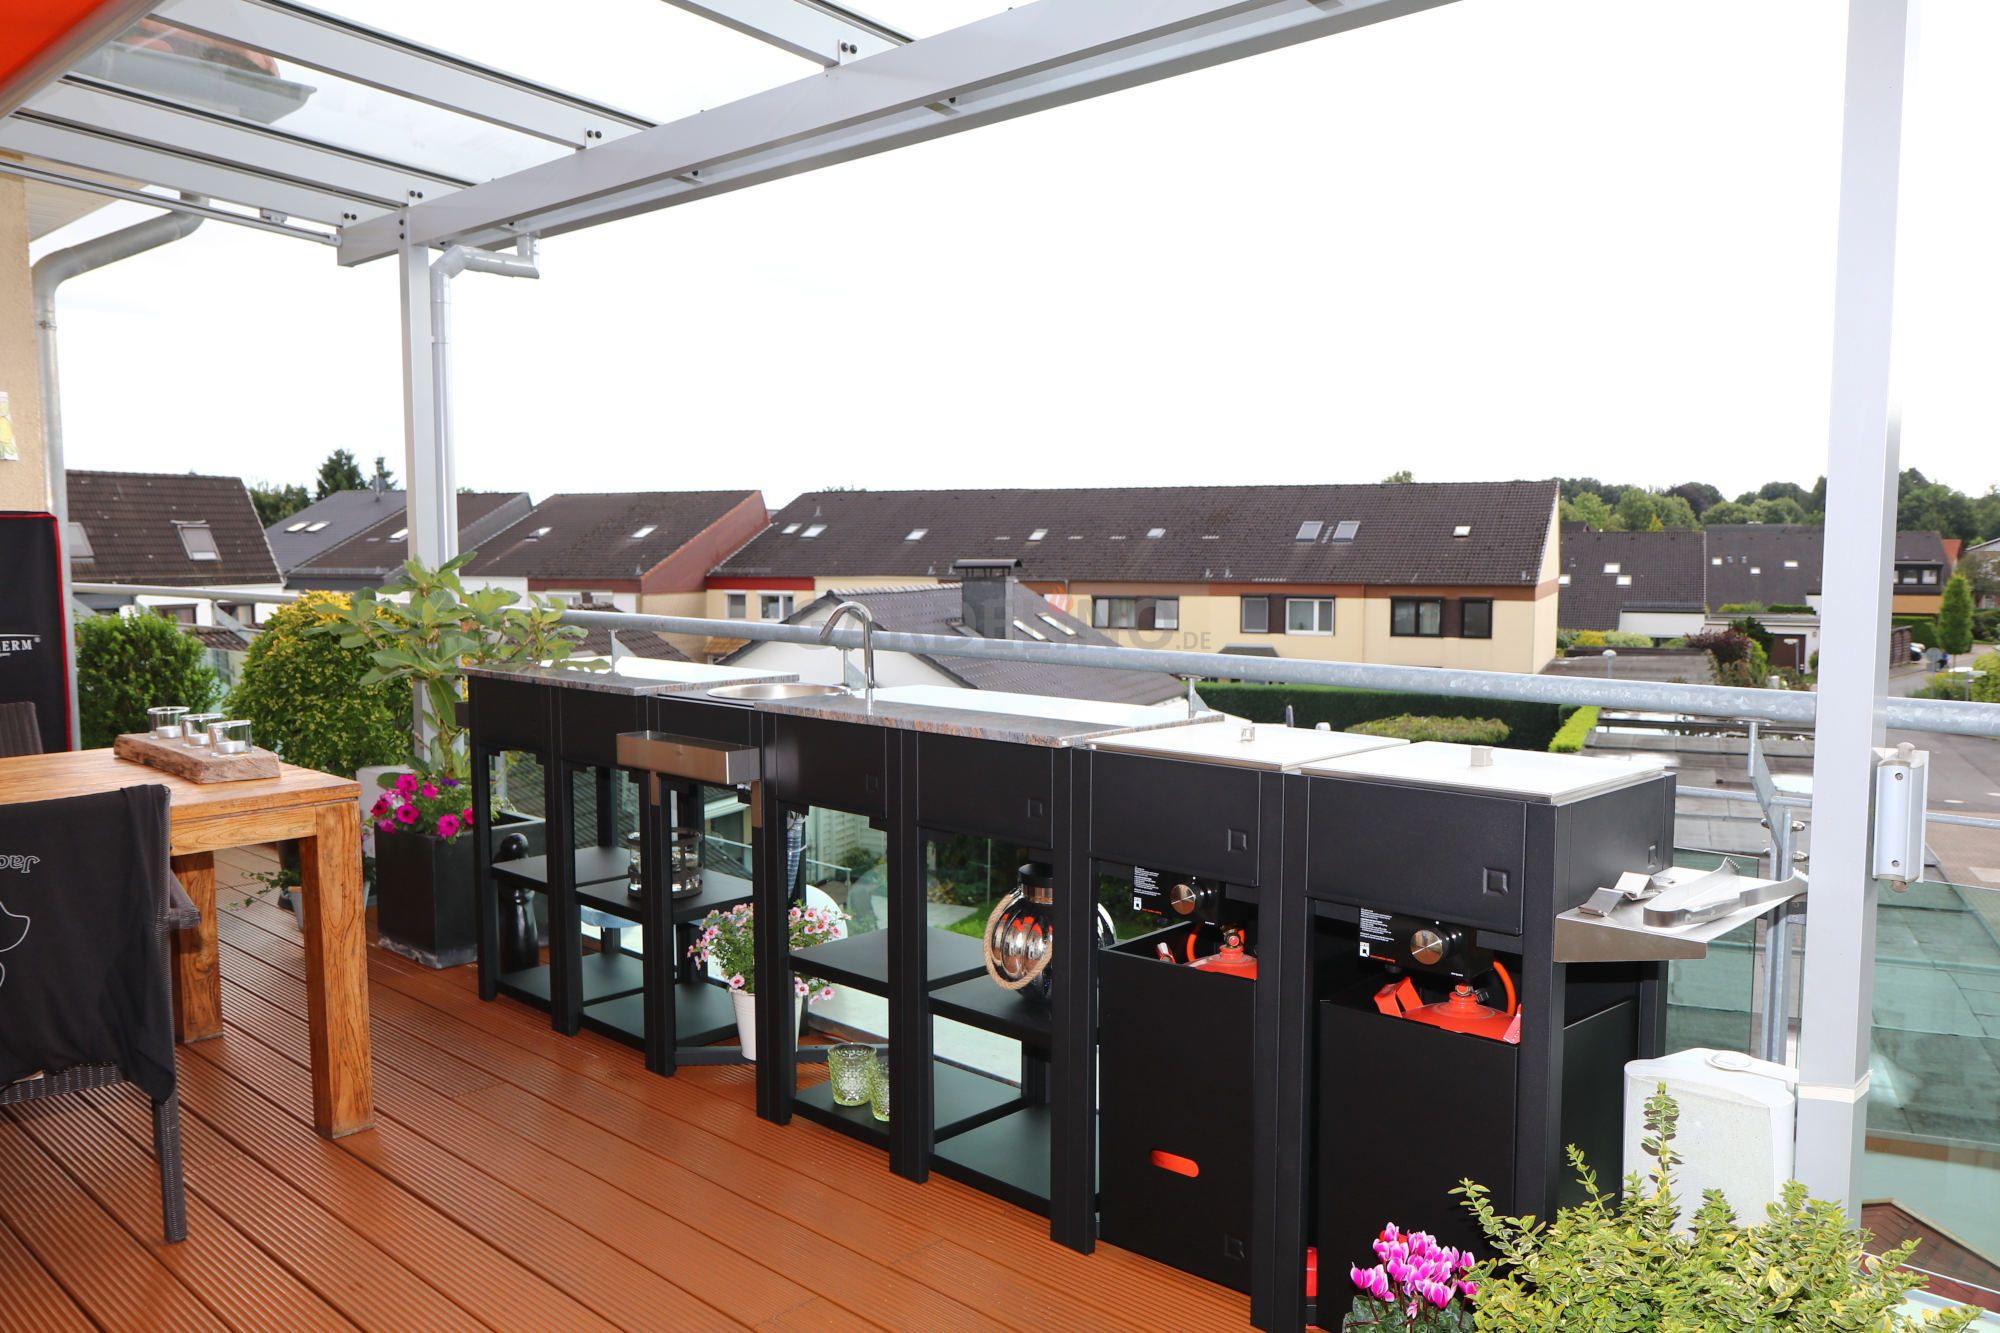 Outdoor Küche Gasgrill : Allgrill professional gasgrill aussenküche outdoorküche edelstahl